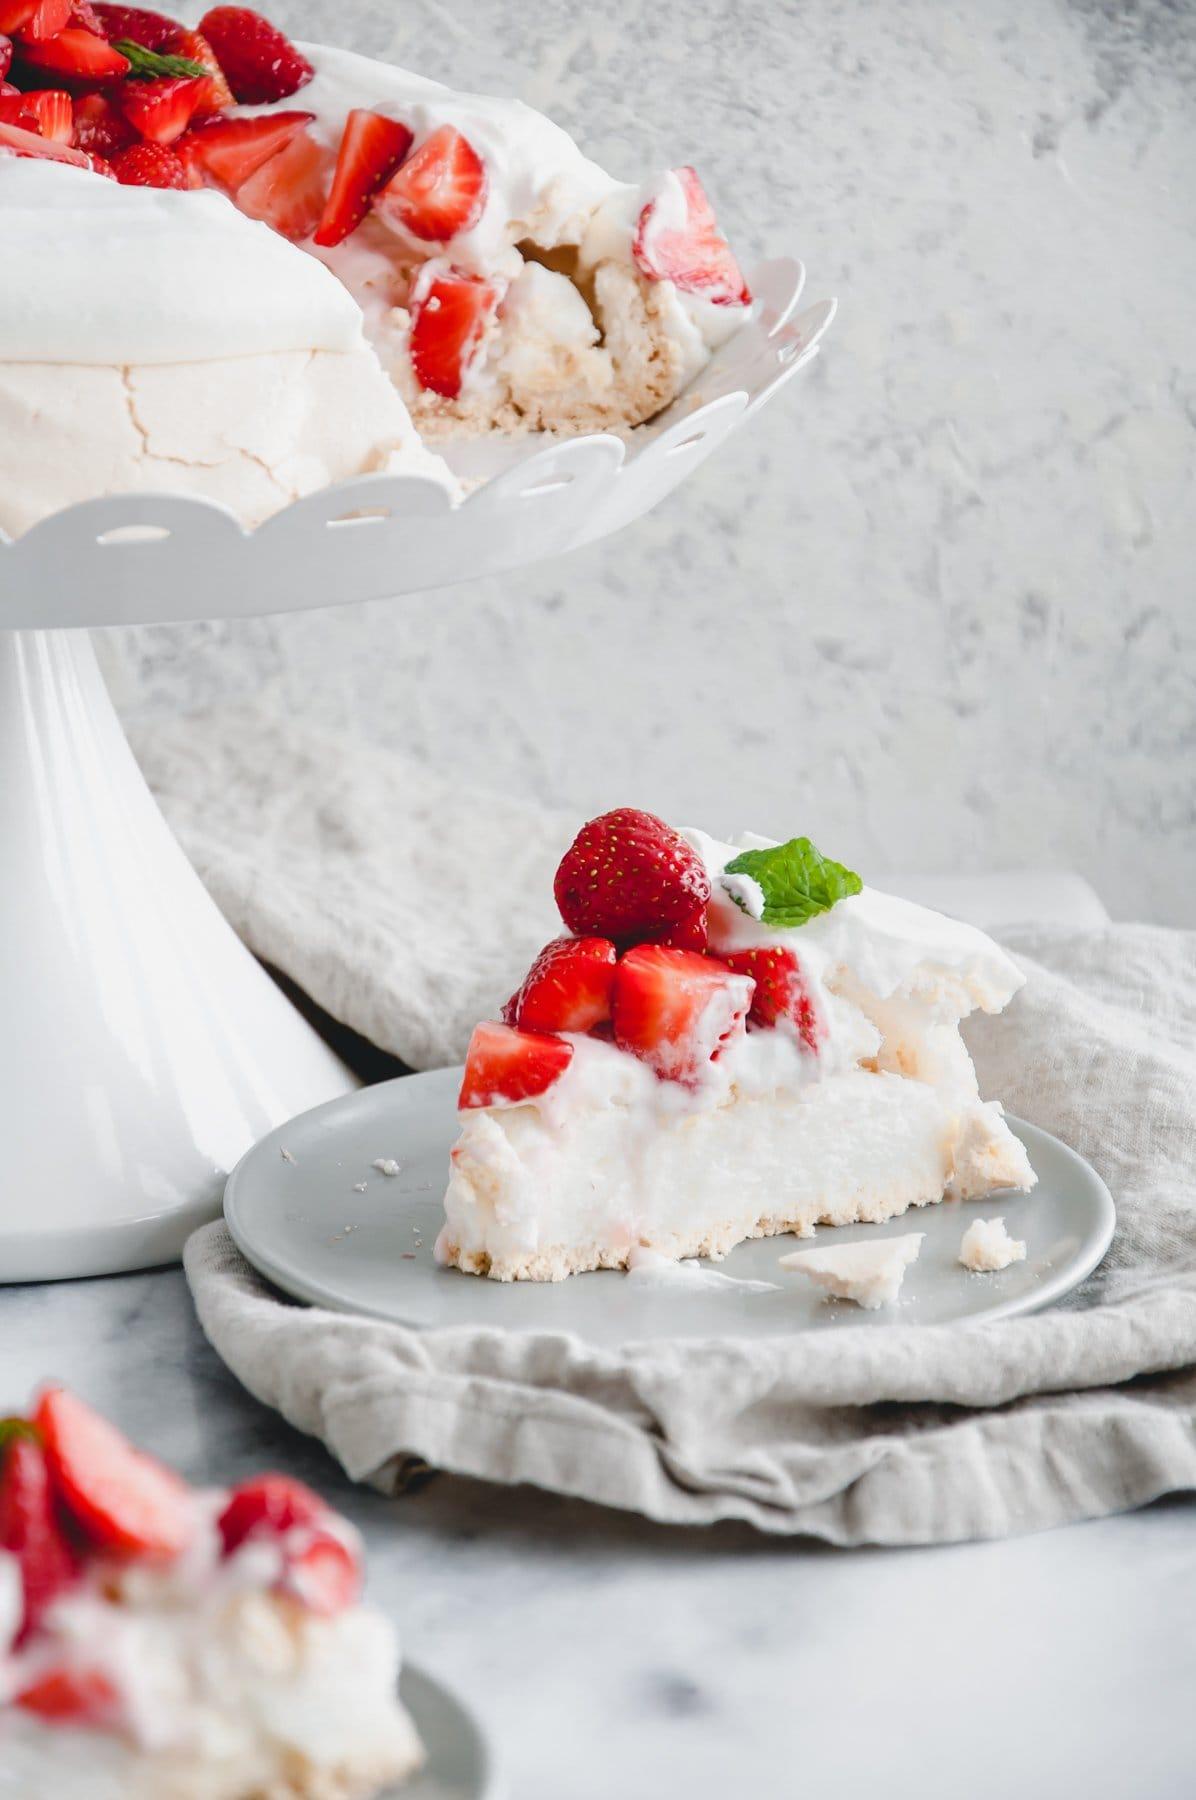 slice of strawberry pavlova on a plate